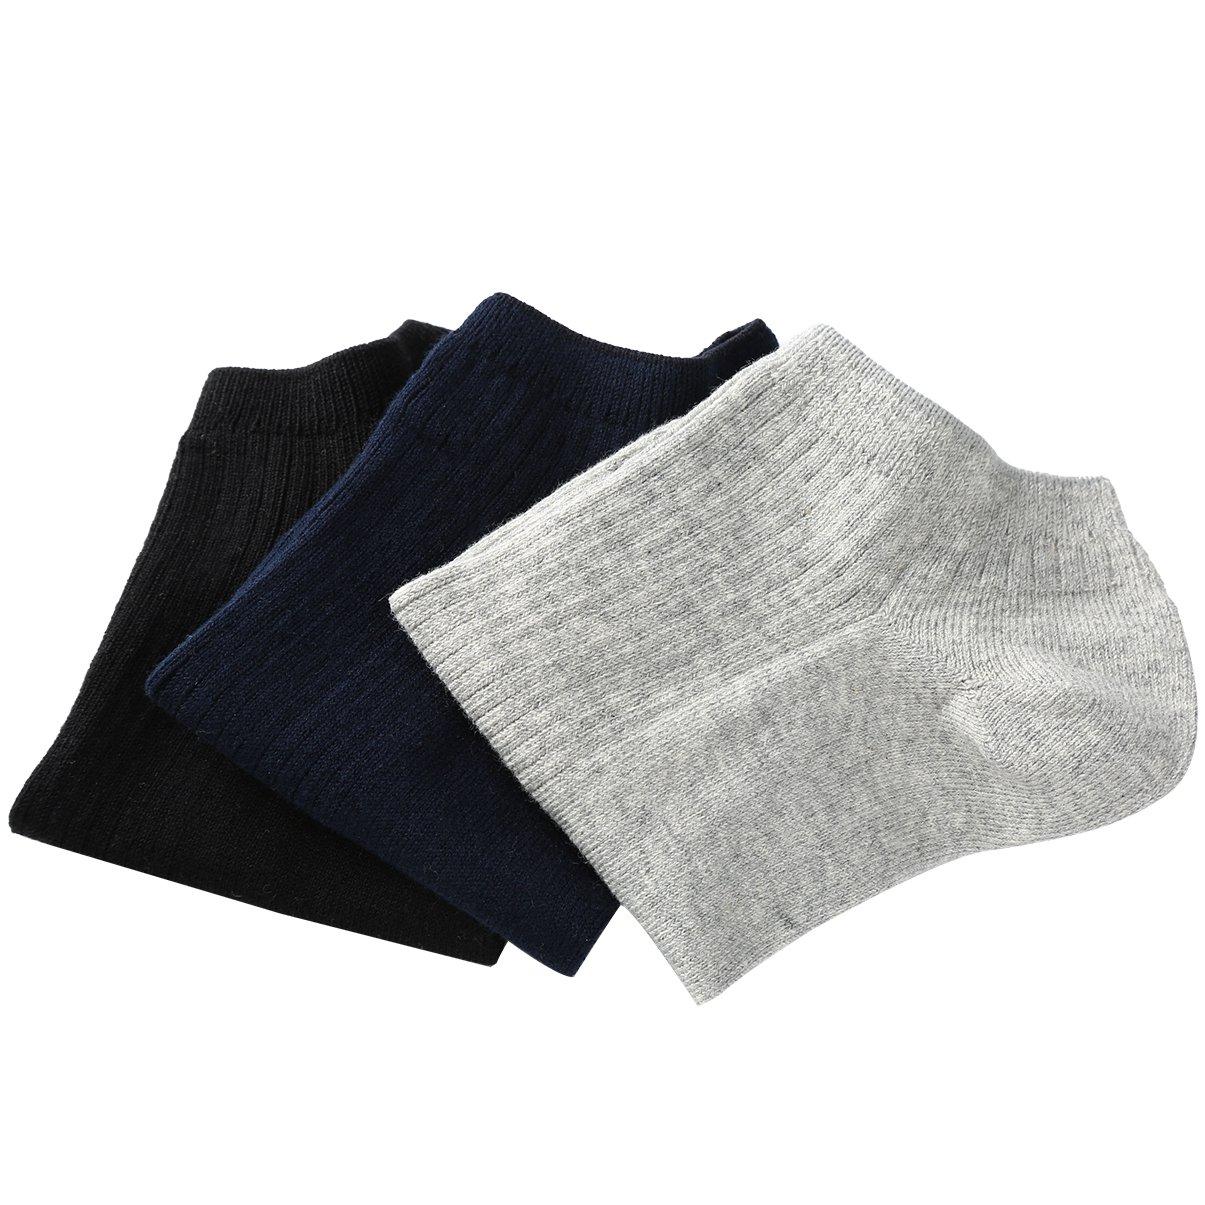 VBIGER 6 Pares Calcetines Cortos Hombre Casual Calcetines Deportivos de Algodón